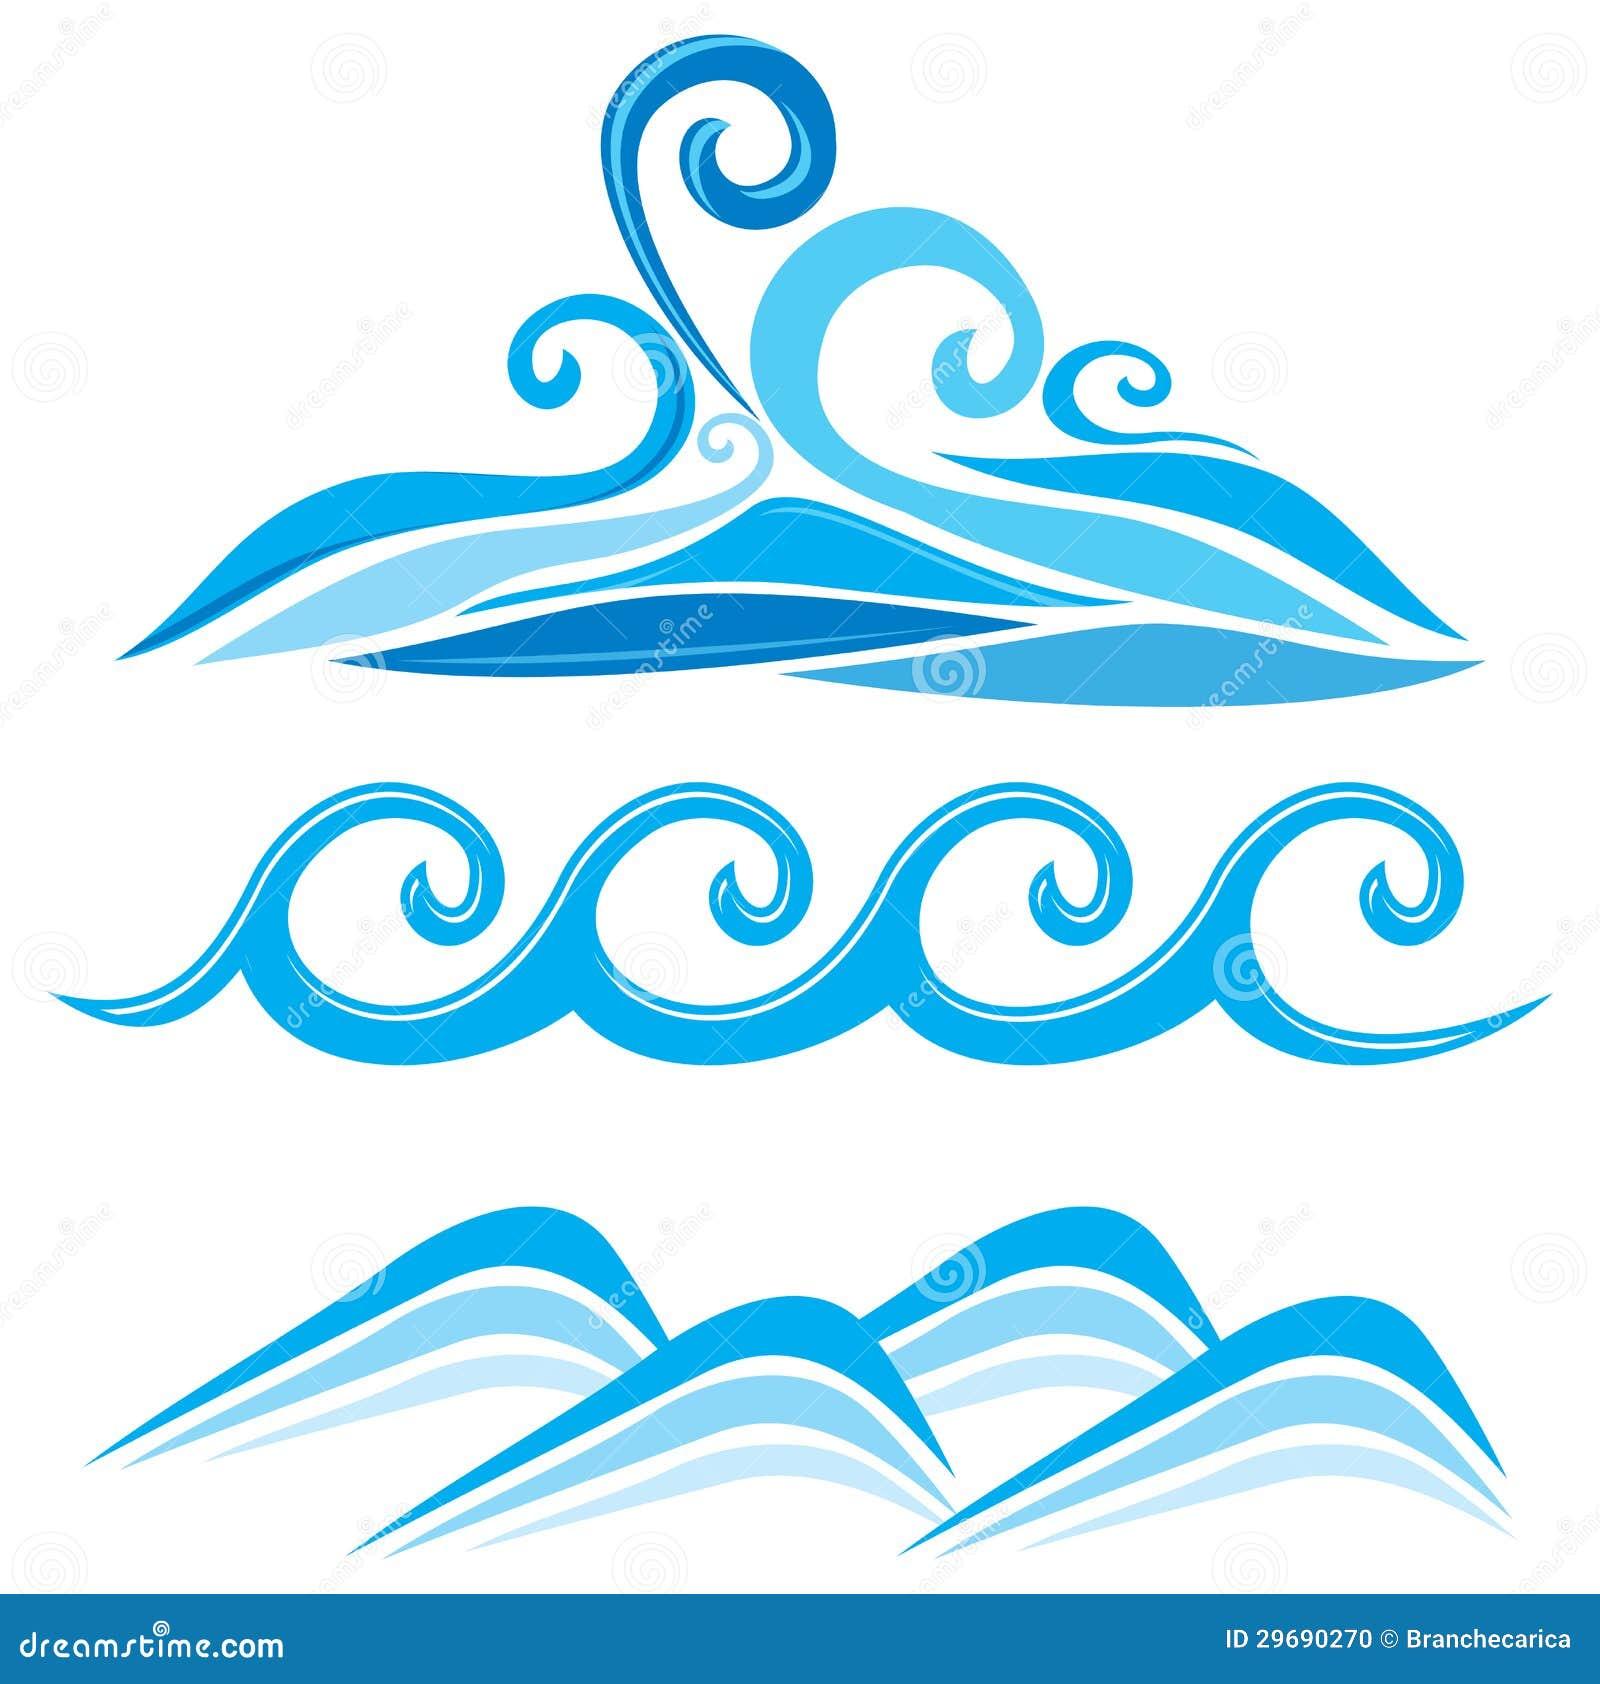 Set Of Wave Symbols Stock Photo Image 29690270